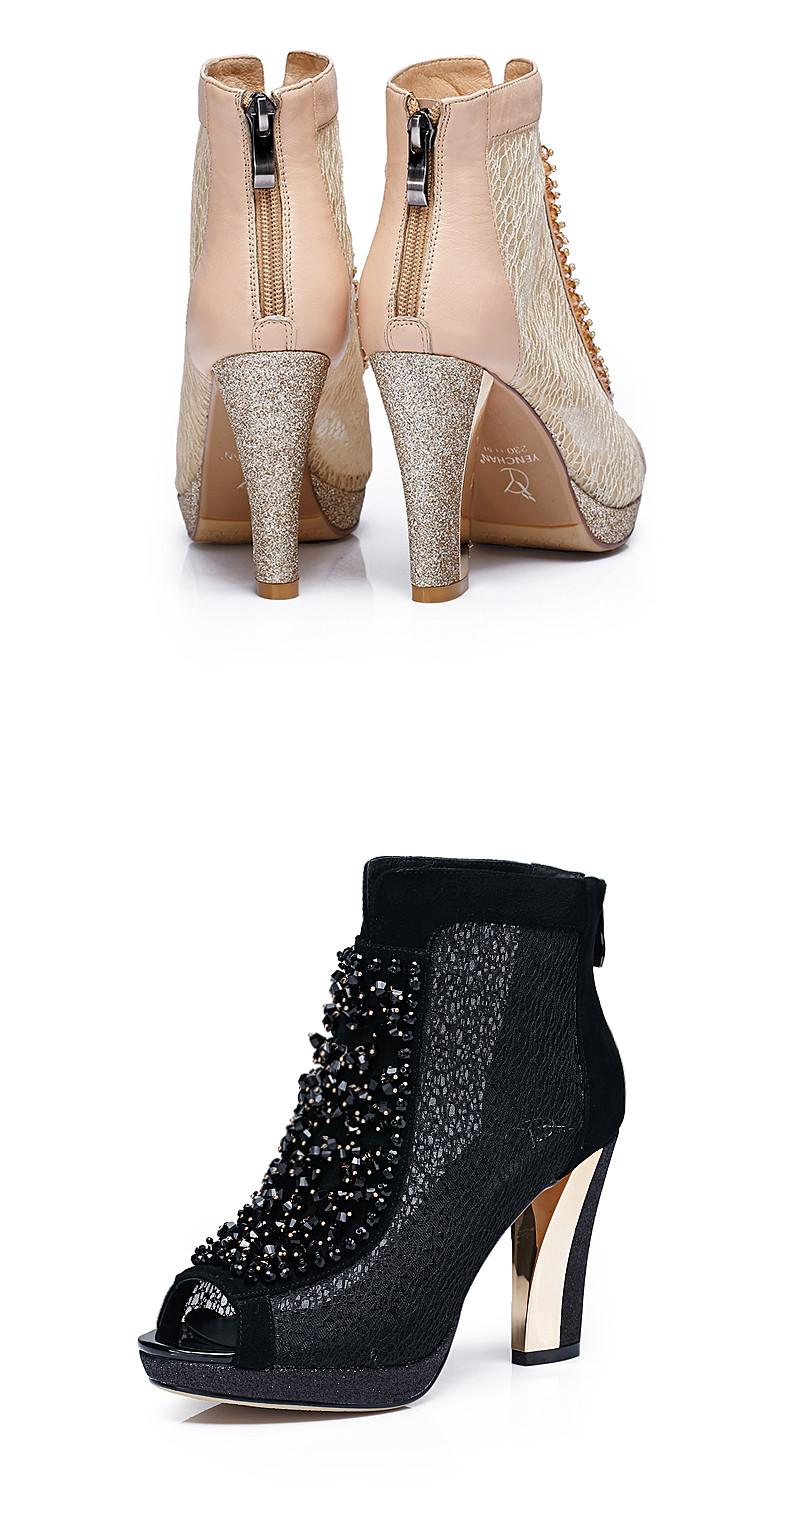 莹城2014春季新款女士防水台鱼嘴凉靴高跟镂时尚内增高帮休闲鞋图片